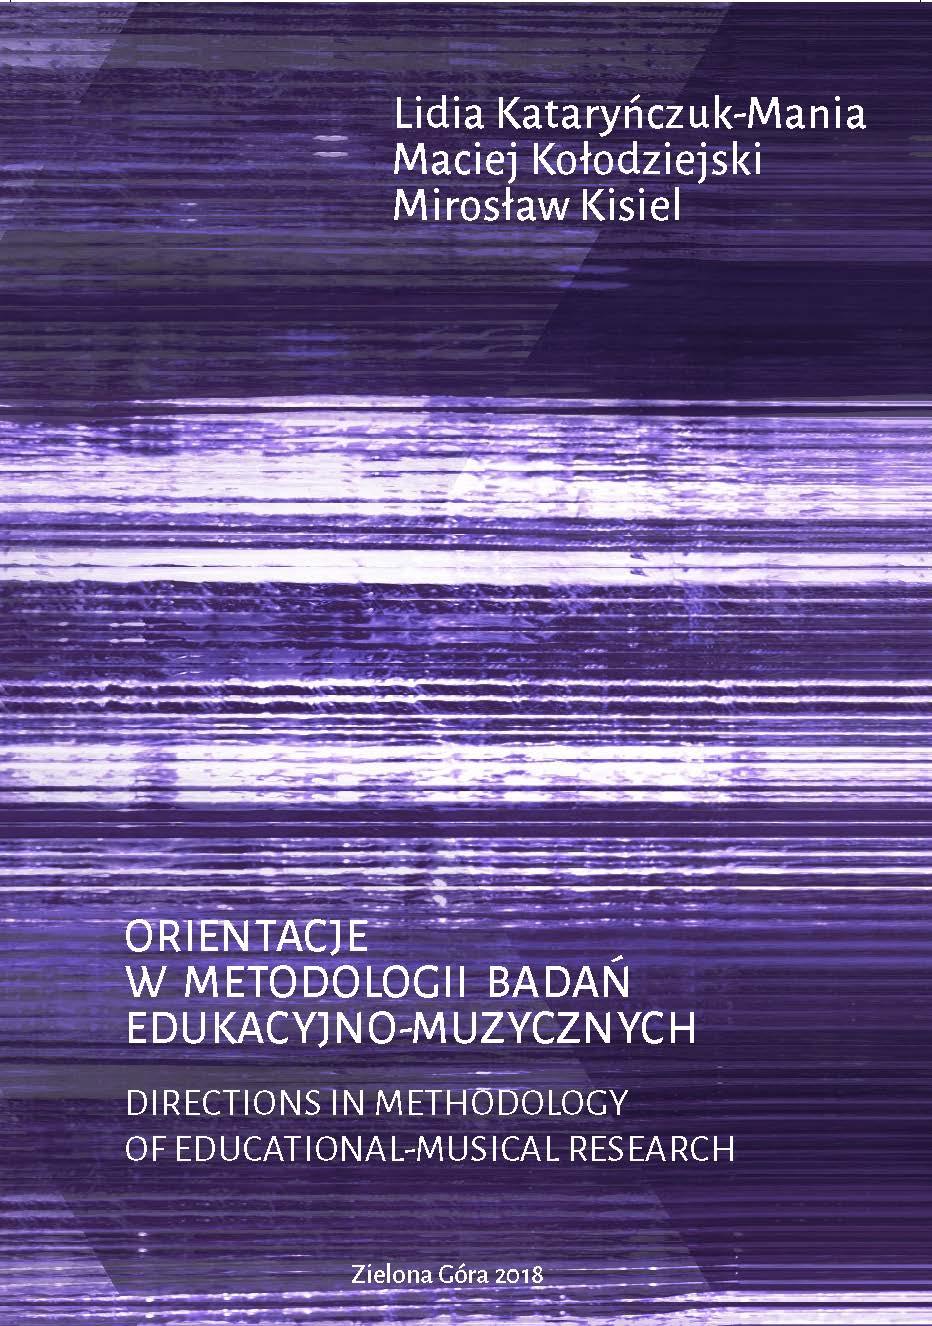 Orientacje w metodologii badań edukacyjno-muzycznych